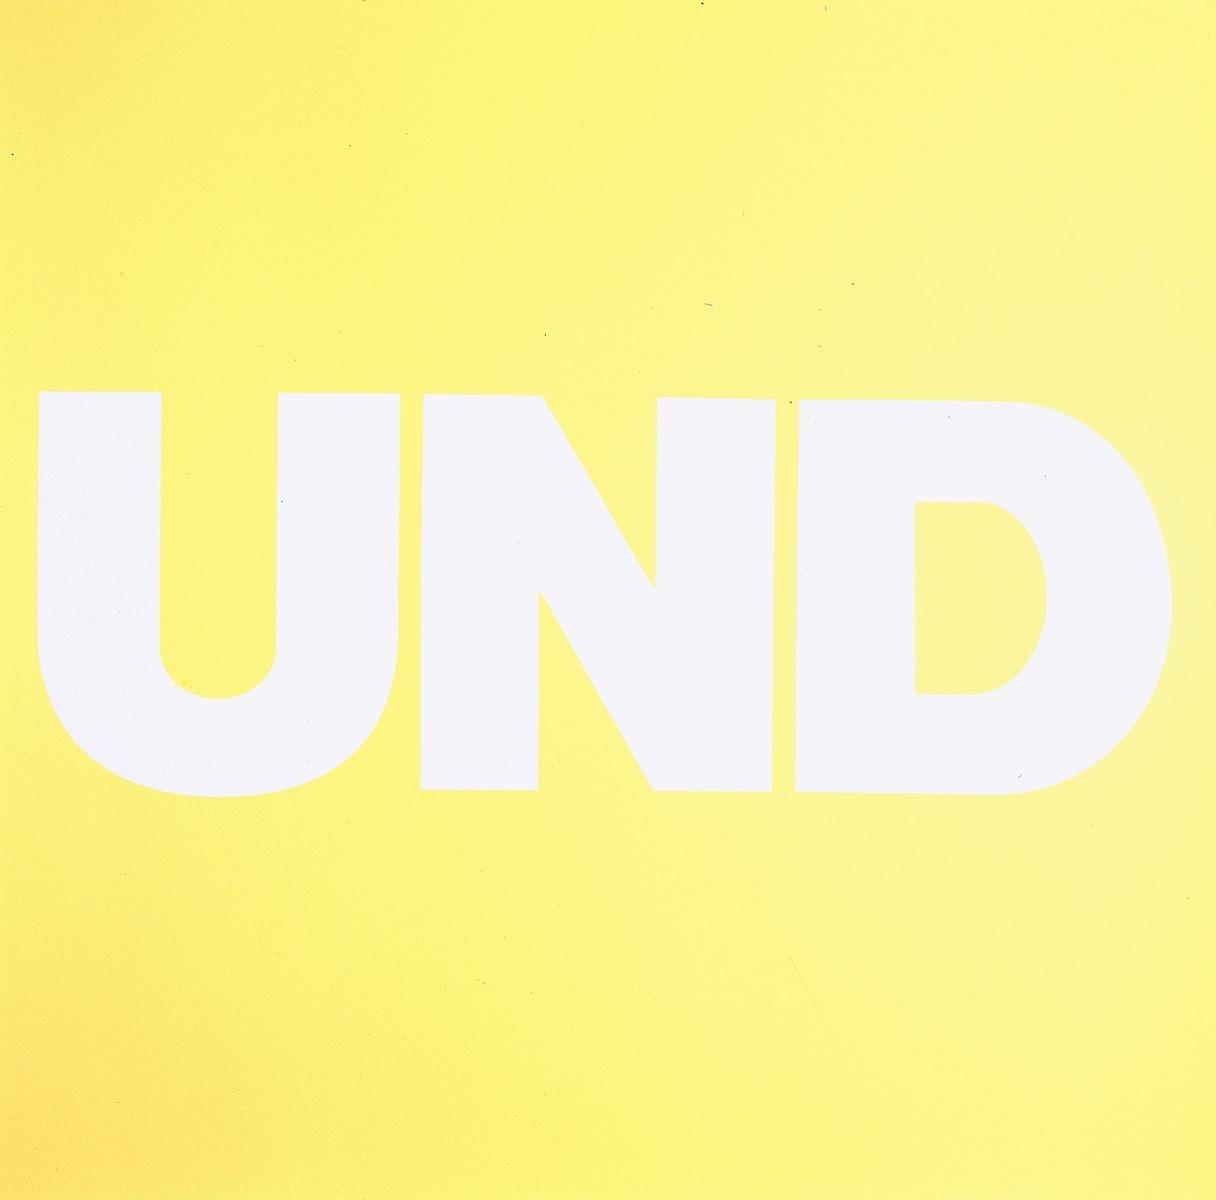 UND, GELB | Affirmation tut gut | Angelika Beuler | 1992